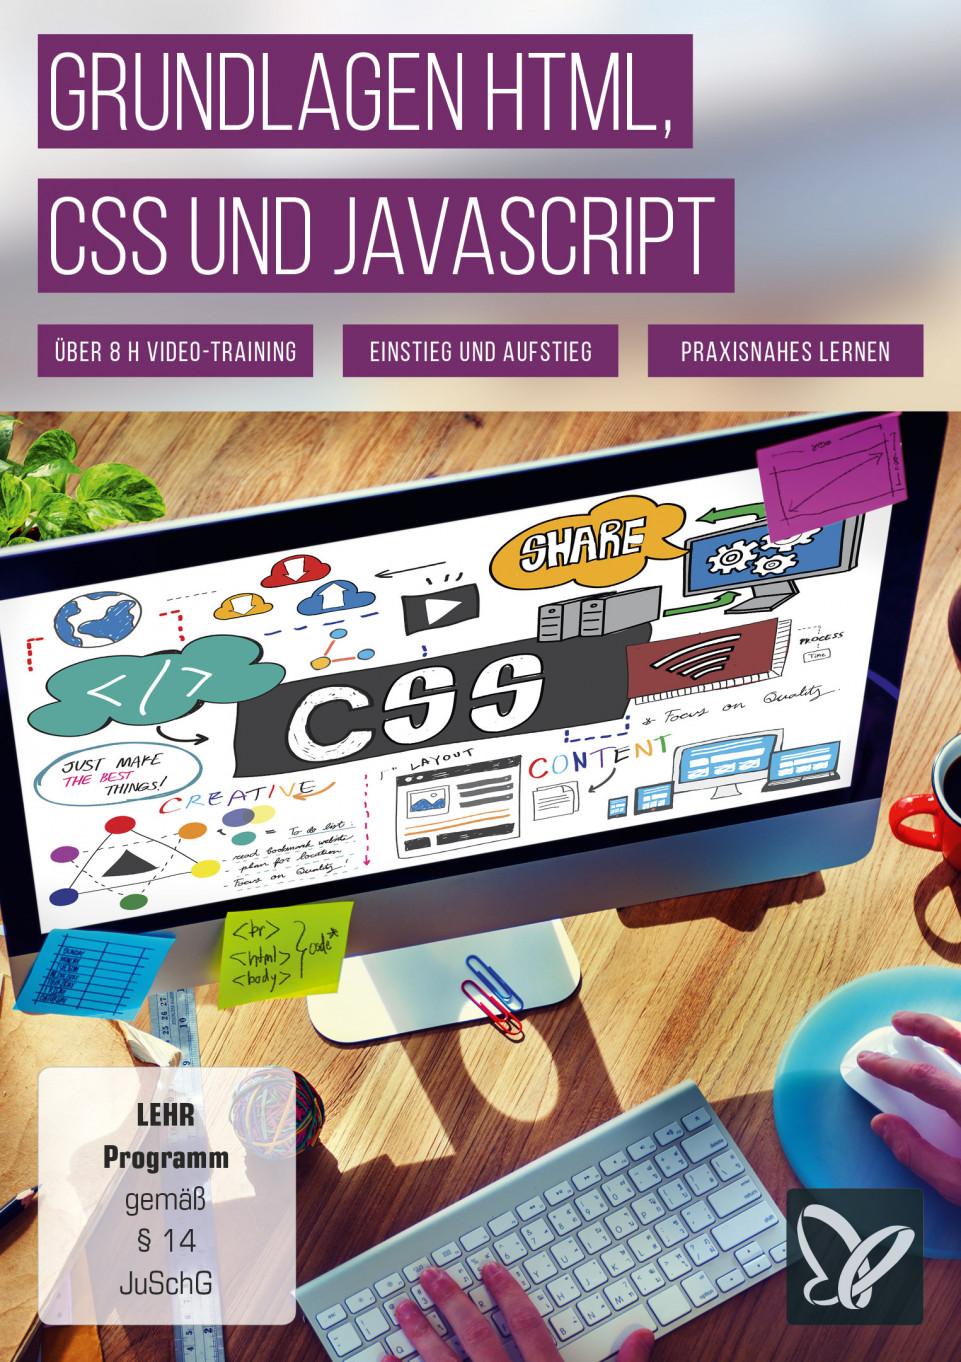 Grundlagen HTML, CSS und JavaScript